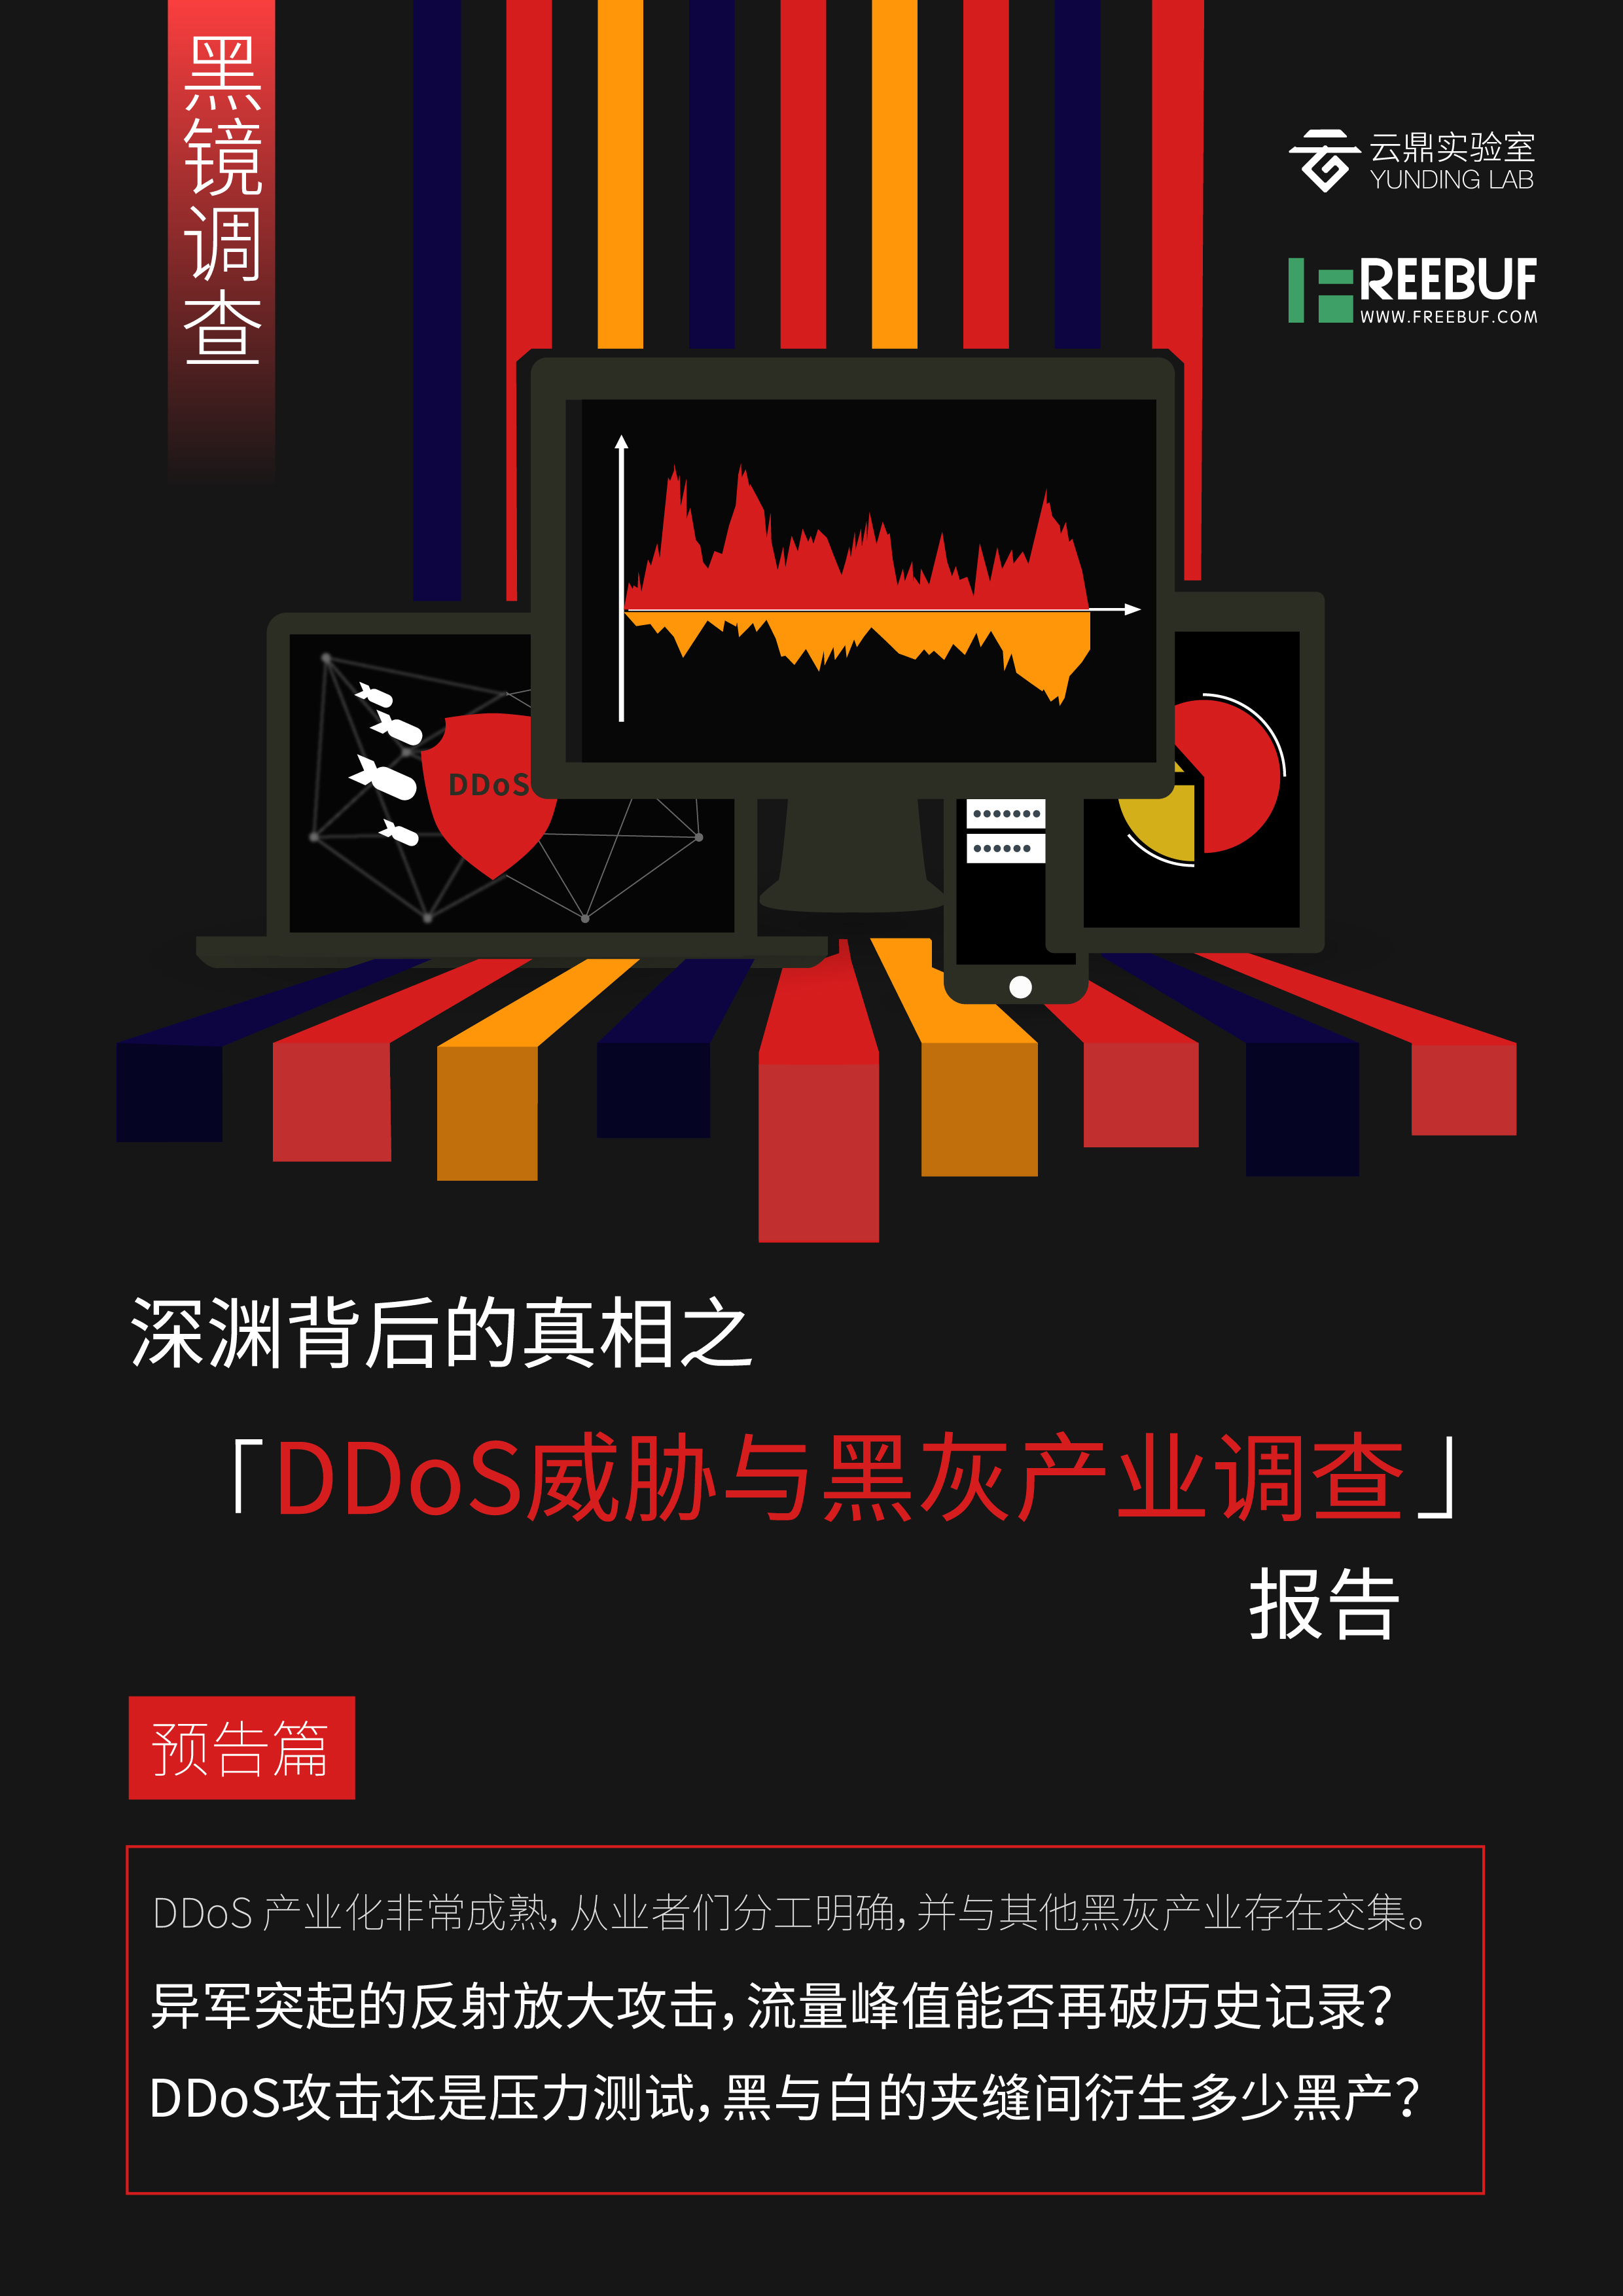 黑镜调查:深渊背后的真相之「DDoS威胁与黑灰产业调查」报告